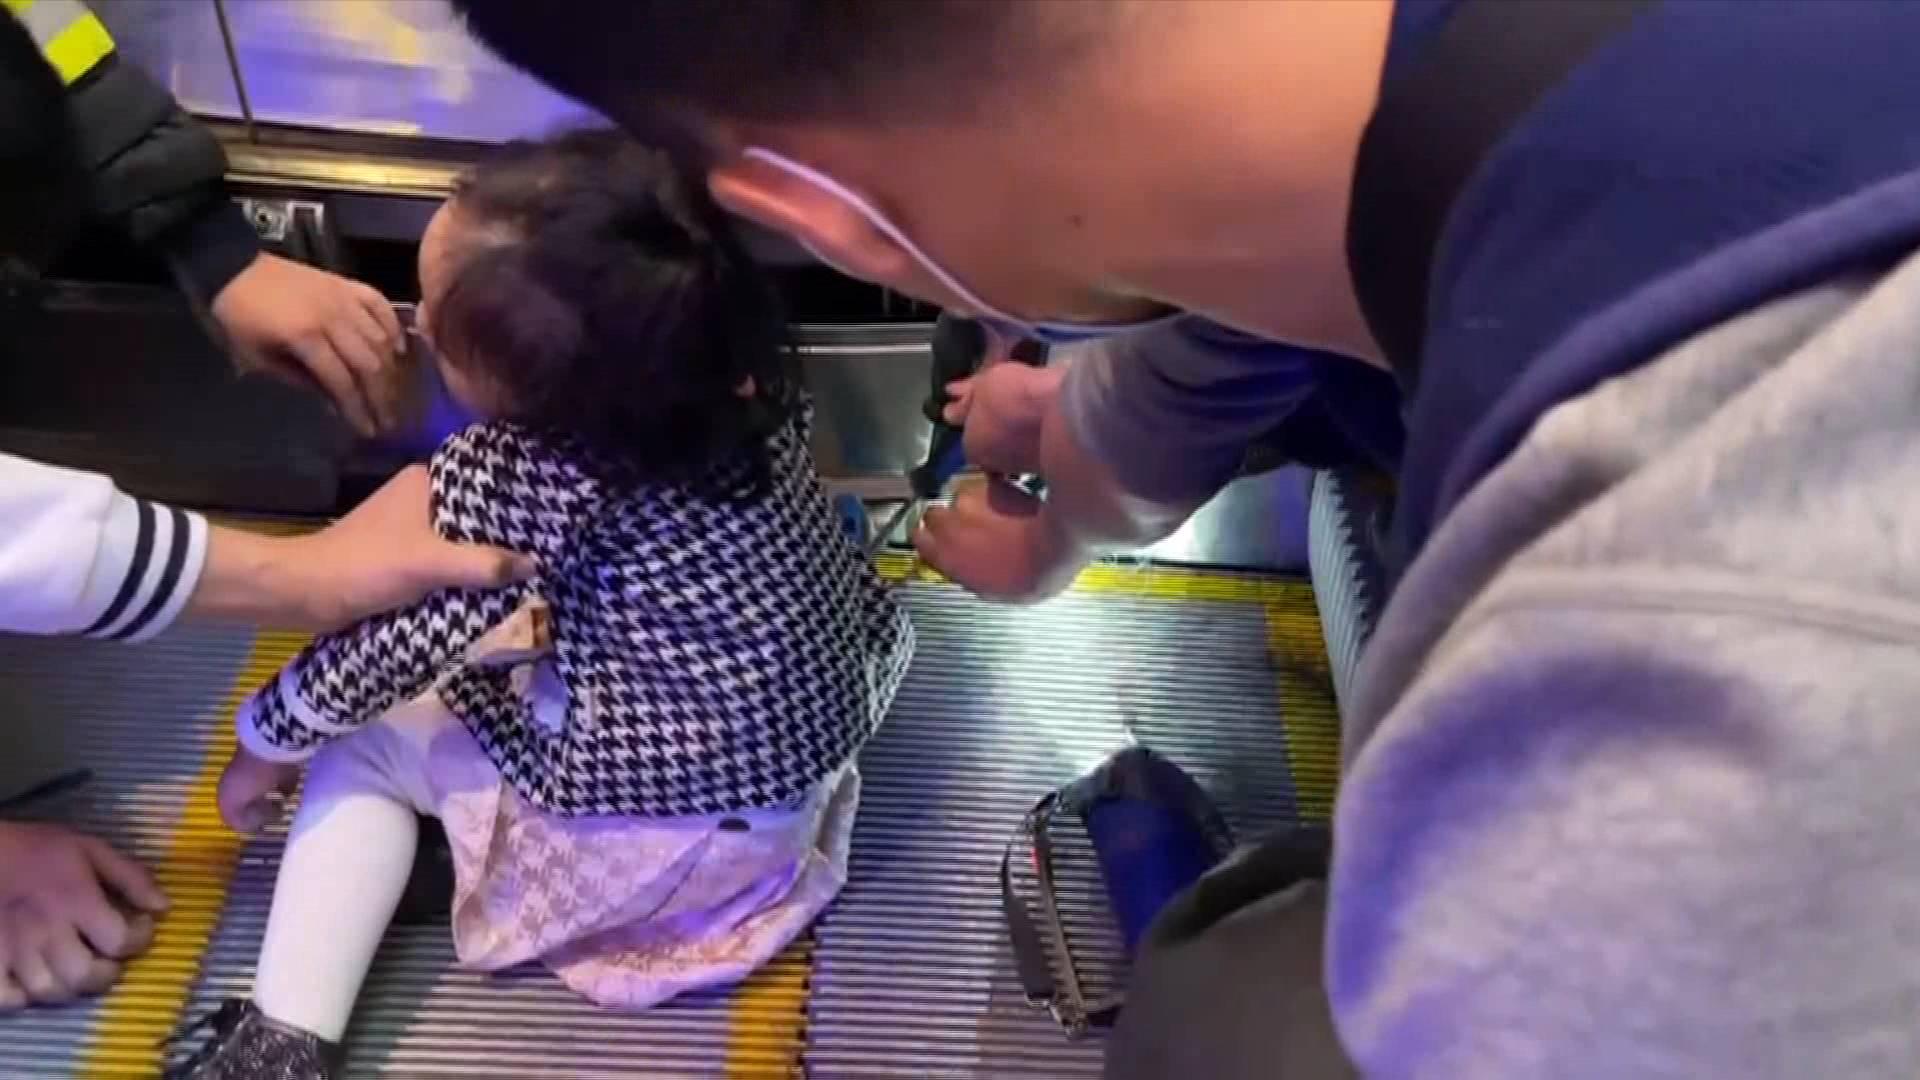 《应急在线》20210124:女童4手指卷入扶梯 紧急救援脱险